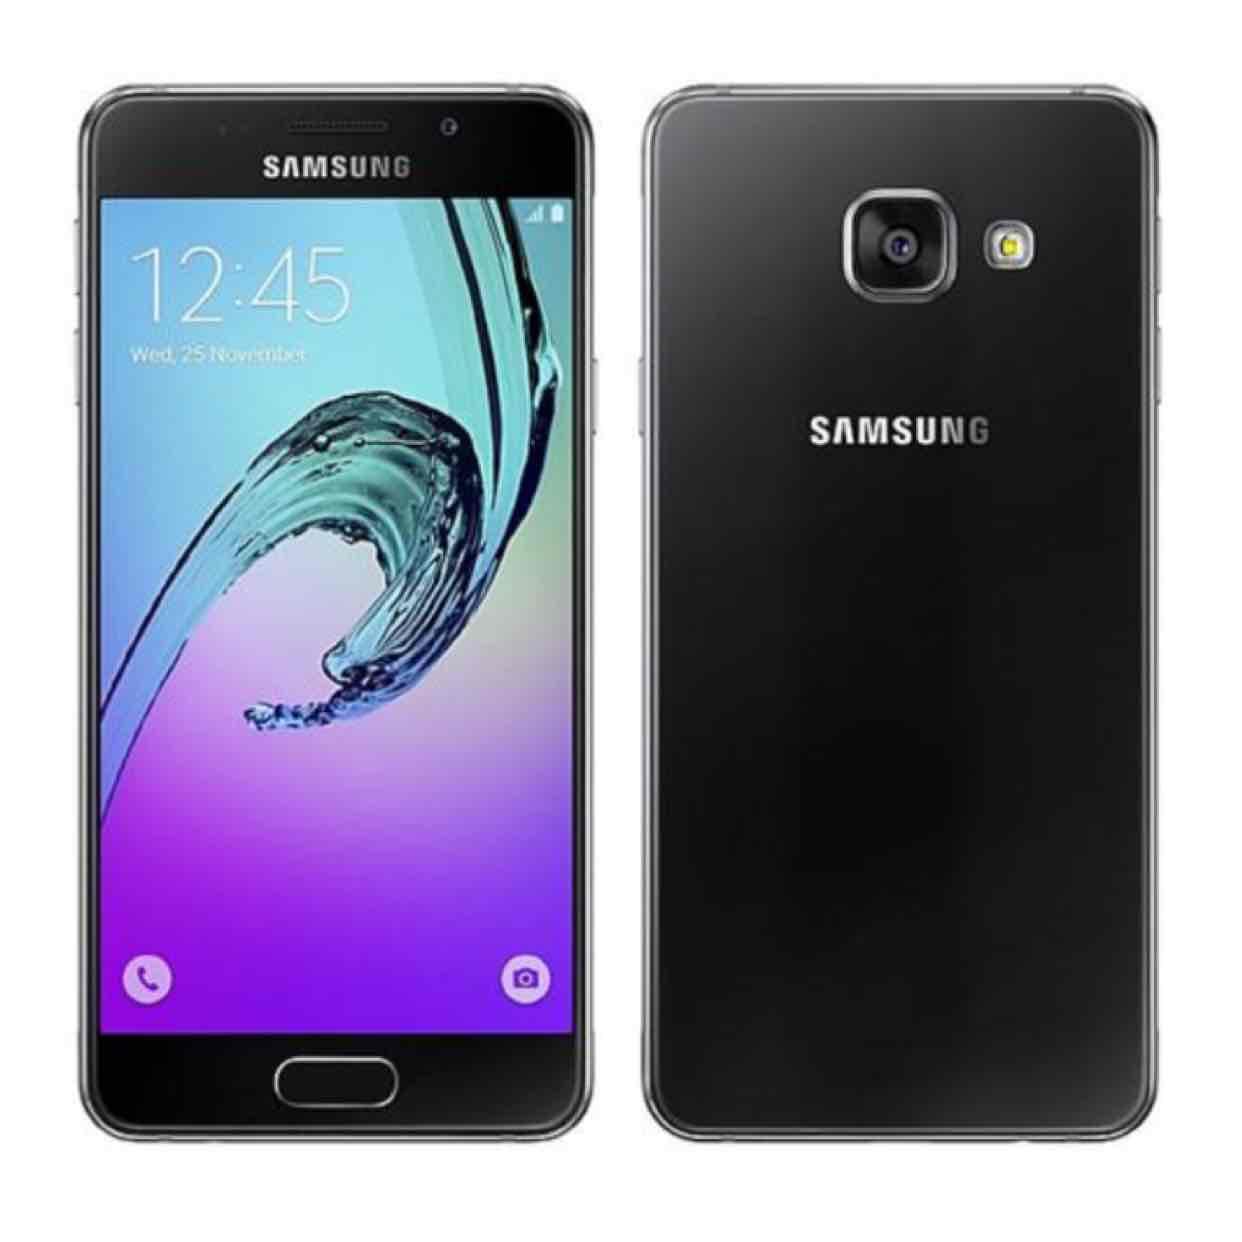 Samsung A3 Smartphone (2016) 16gb Speicher schwarz Amazon